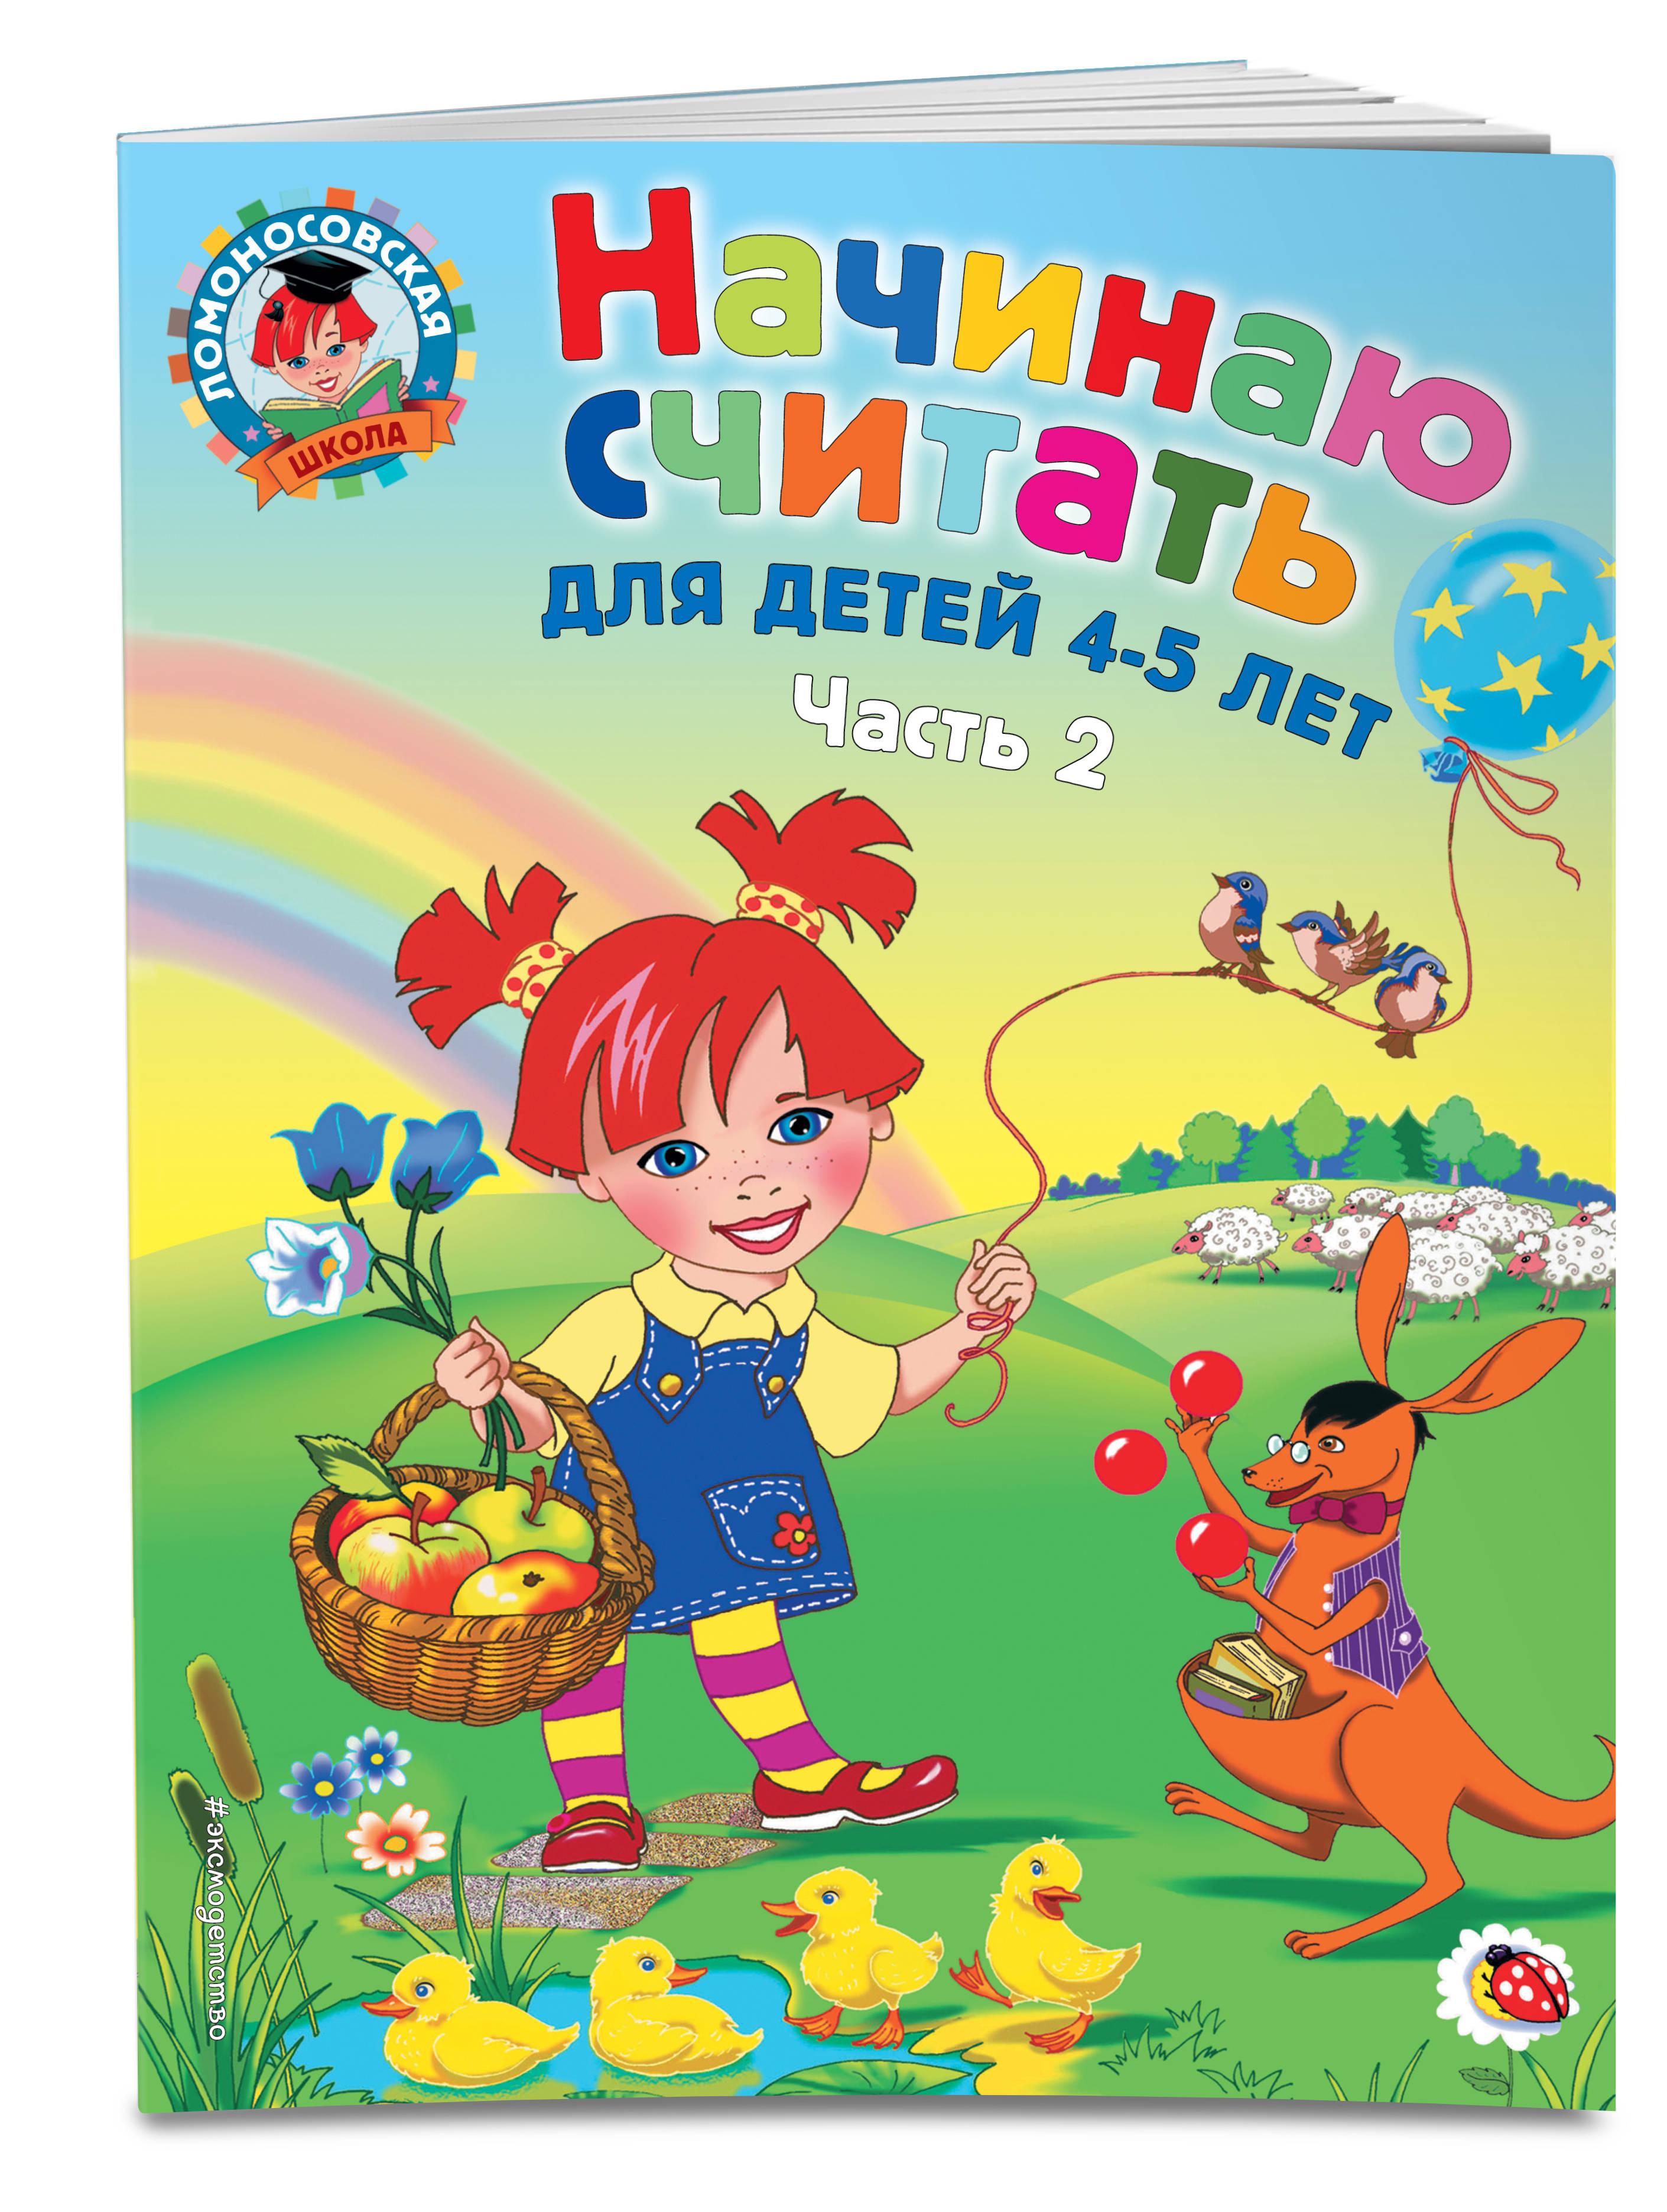 Е. А. Пьянкова, Н. В. Володина Начинаю считать. Для детей 4-5 лет. Часть 2 пьянкова е а володина н в начинаю считать для детей 4 5 лет